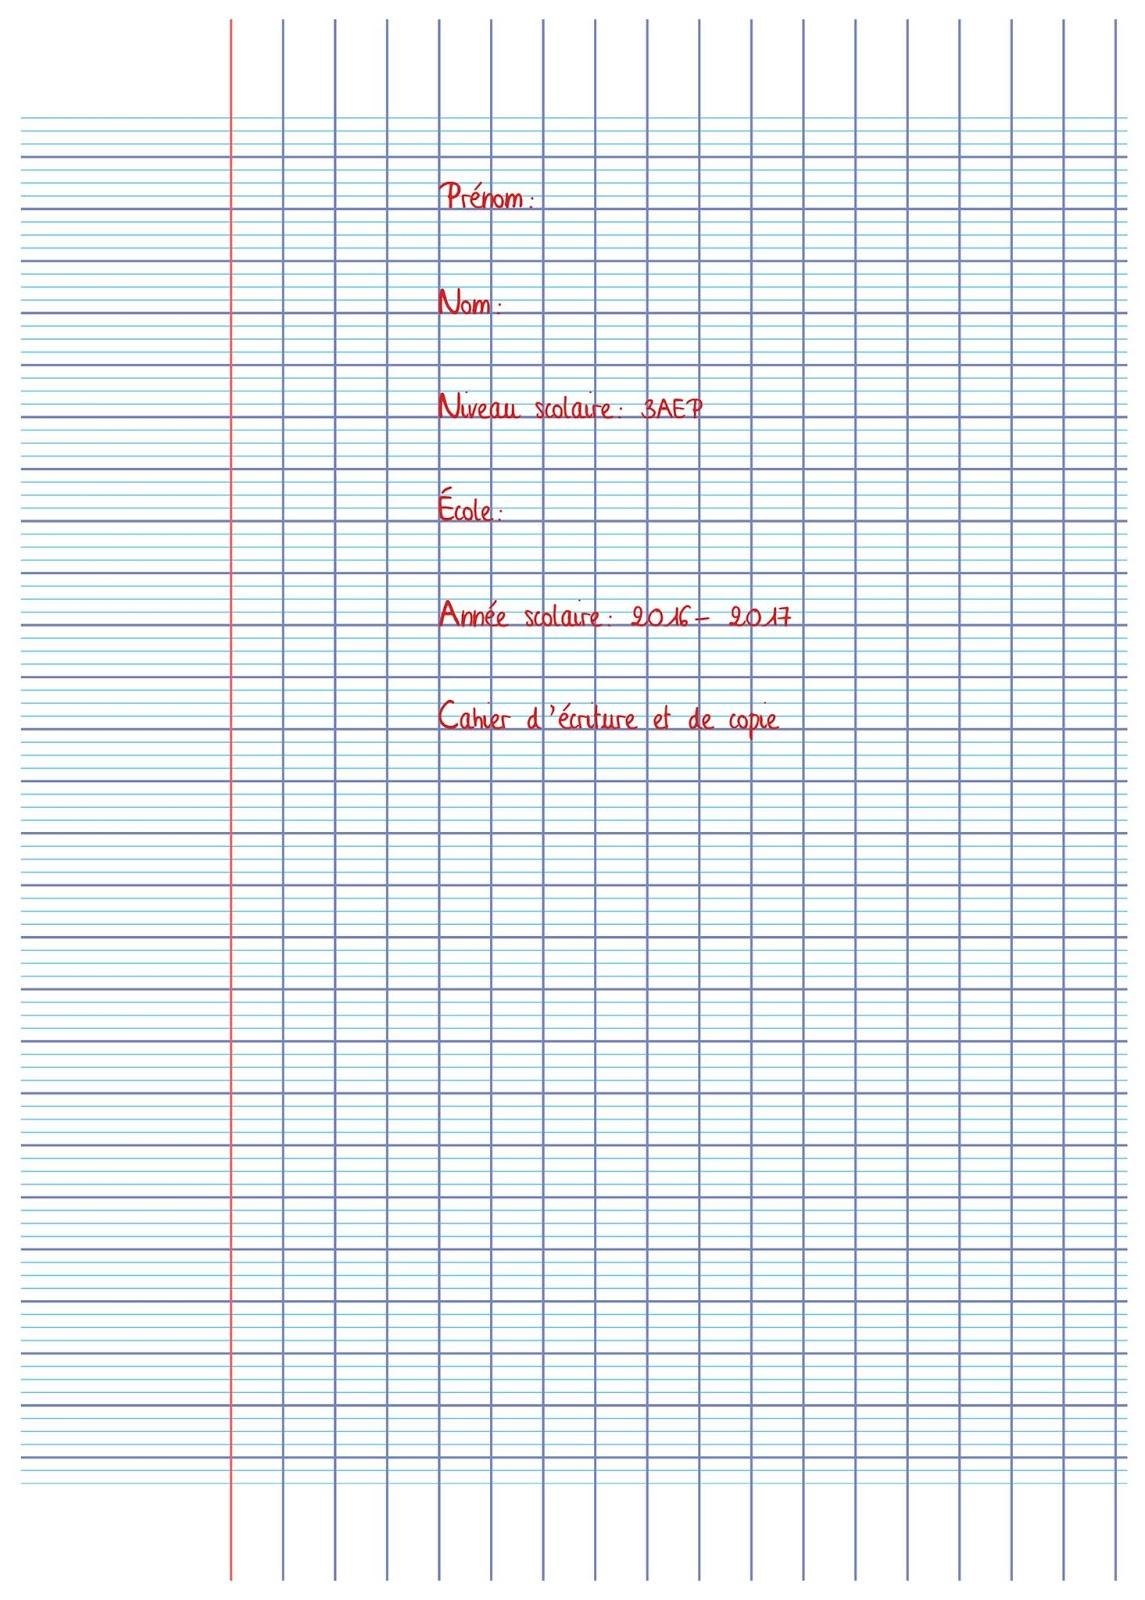 دفترالخط بالفرنسية لتلاميذ المستوى الثالث ابتدائي Cahier d'écriture pour 3 AEP primaire